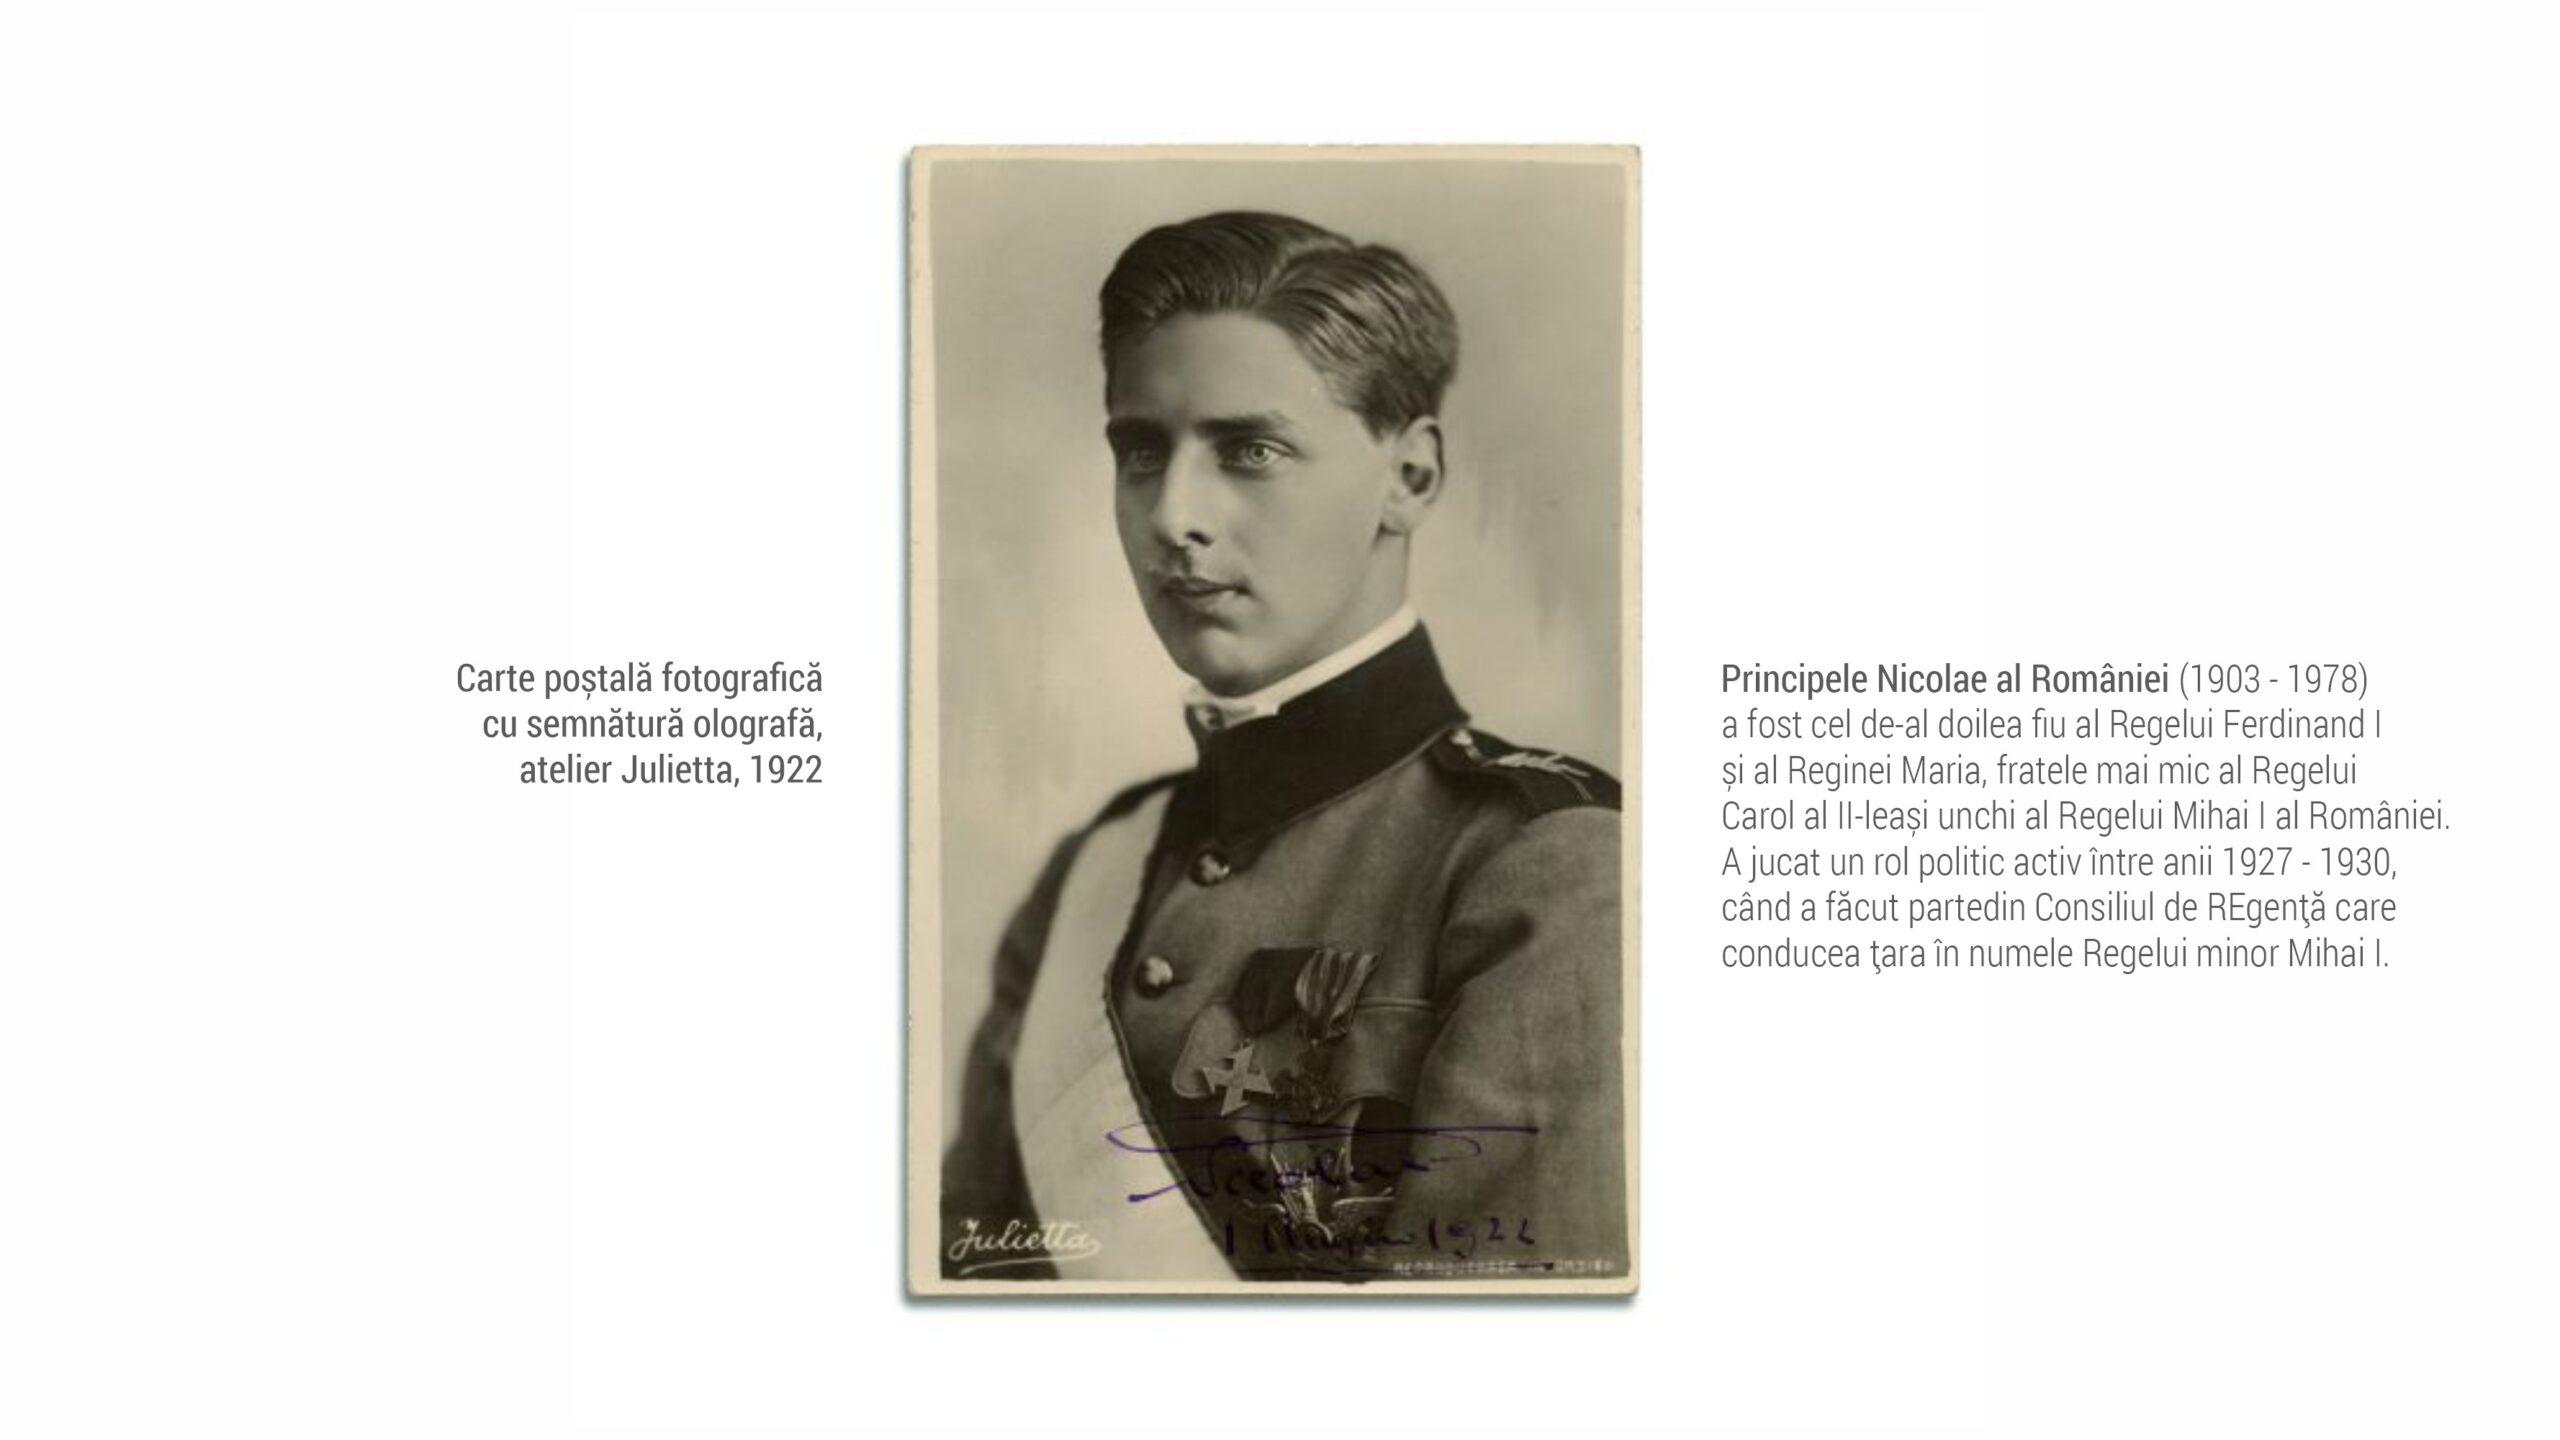 1903 Principele Nicolae - Carte postala fotografica